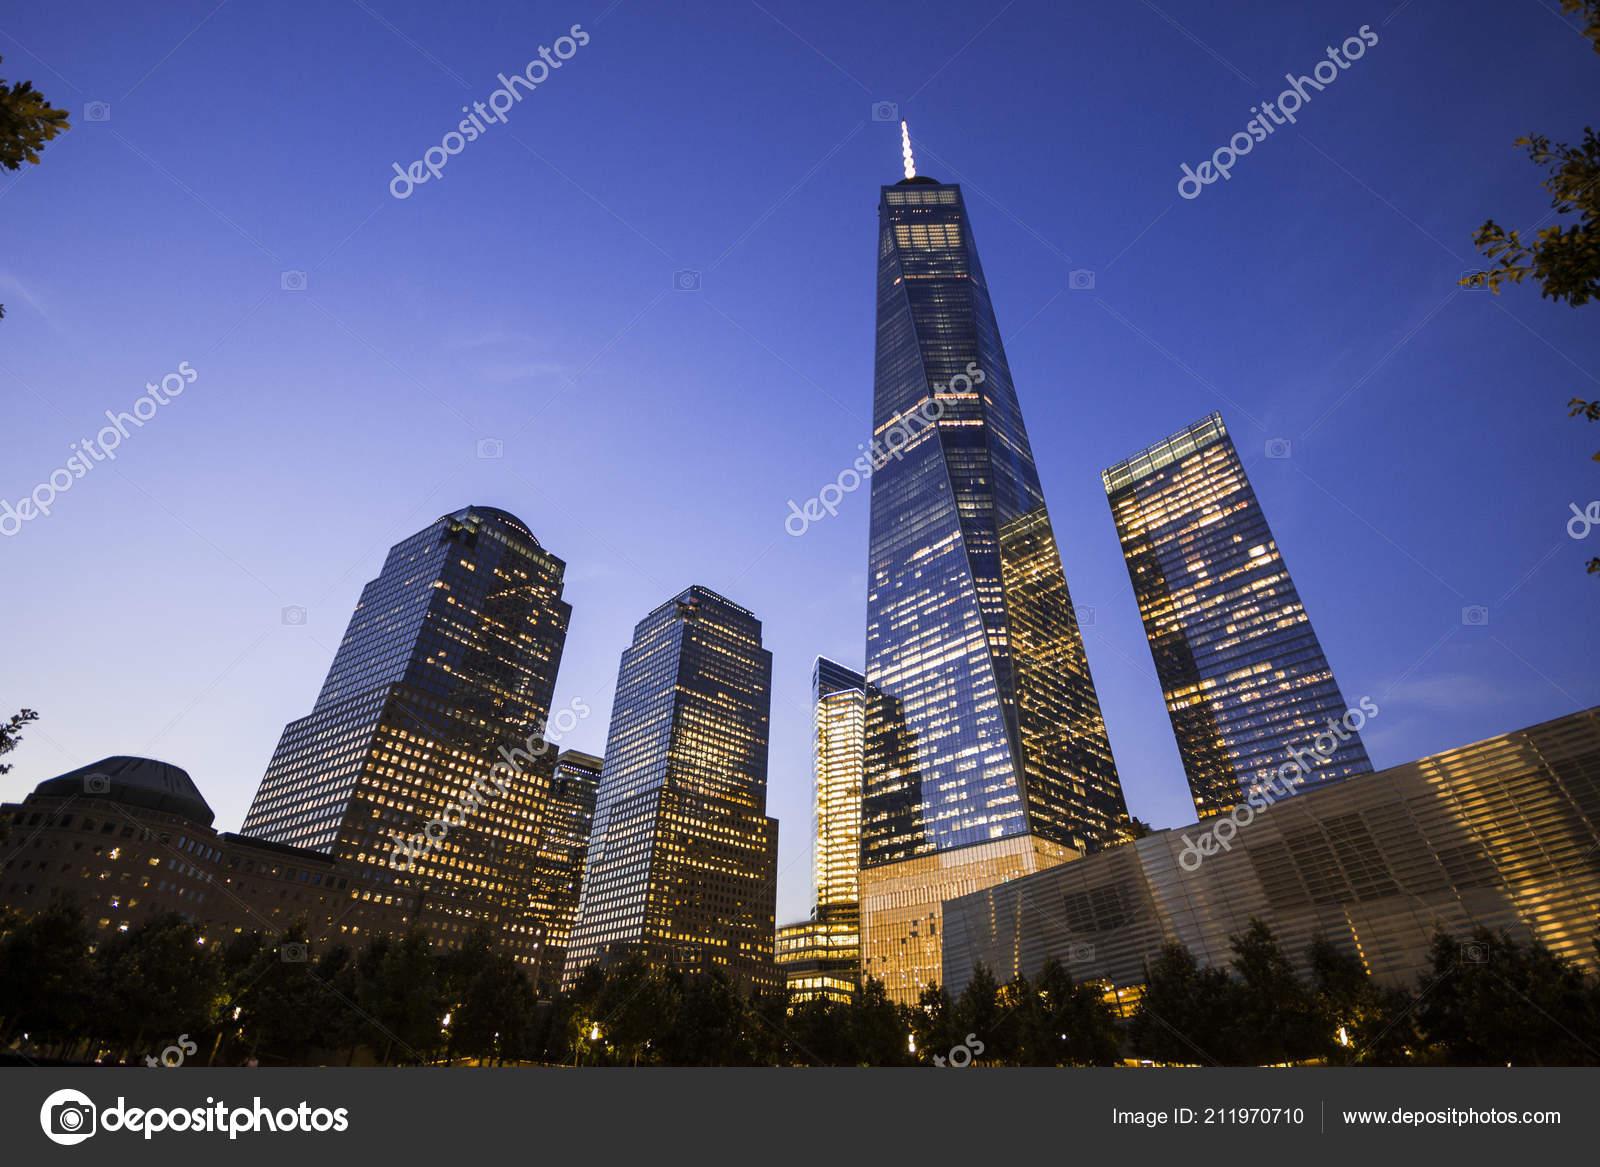 Cidade Nova Iorque One World Trade Center Freedom Tower